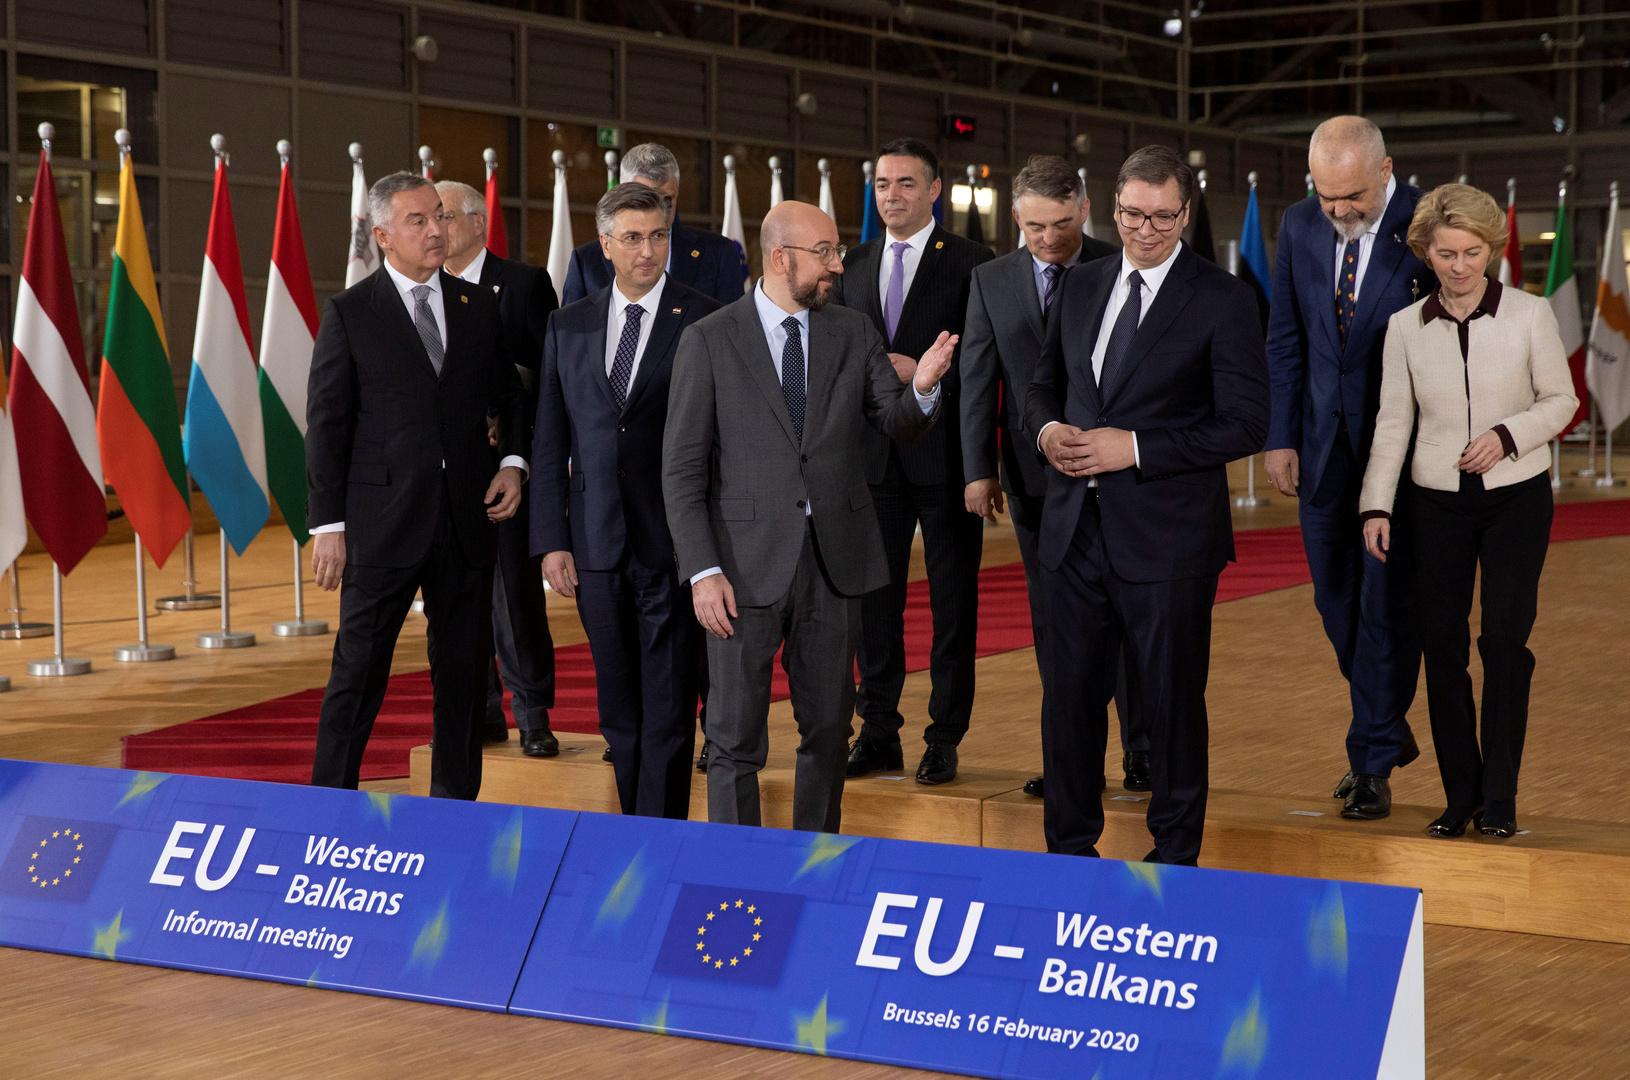 قمة الاتحاد الأوروبي مع دول غربي البلقان بمشاركة رئيسي صربيا وكوسوفو